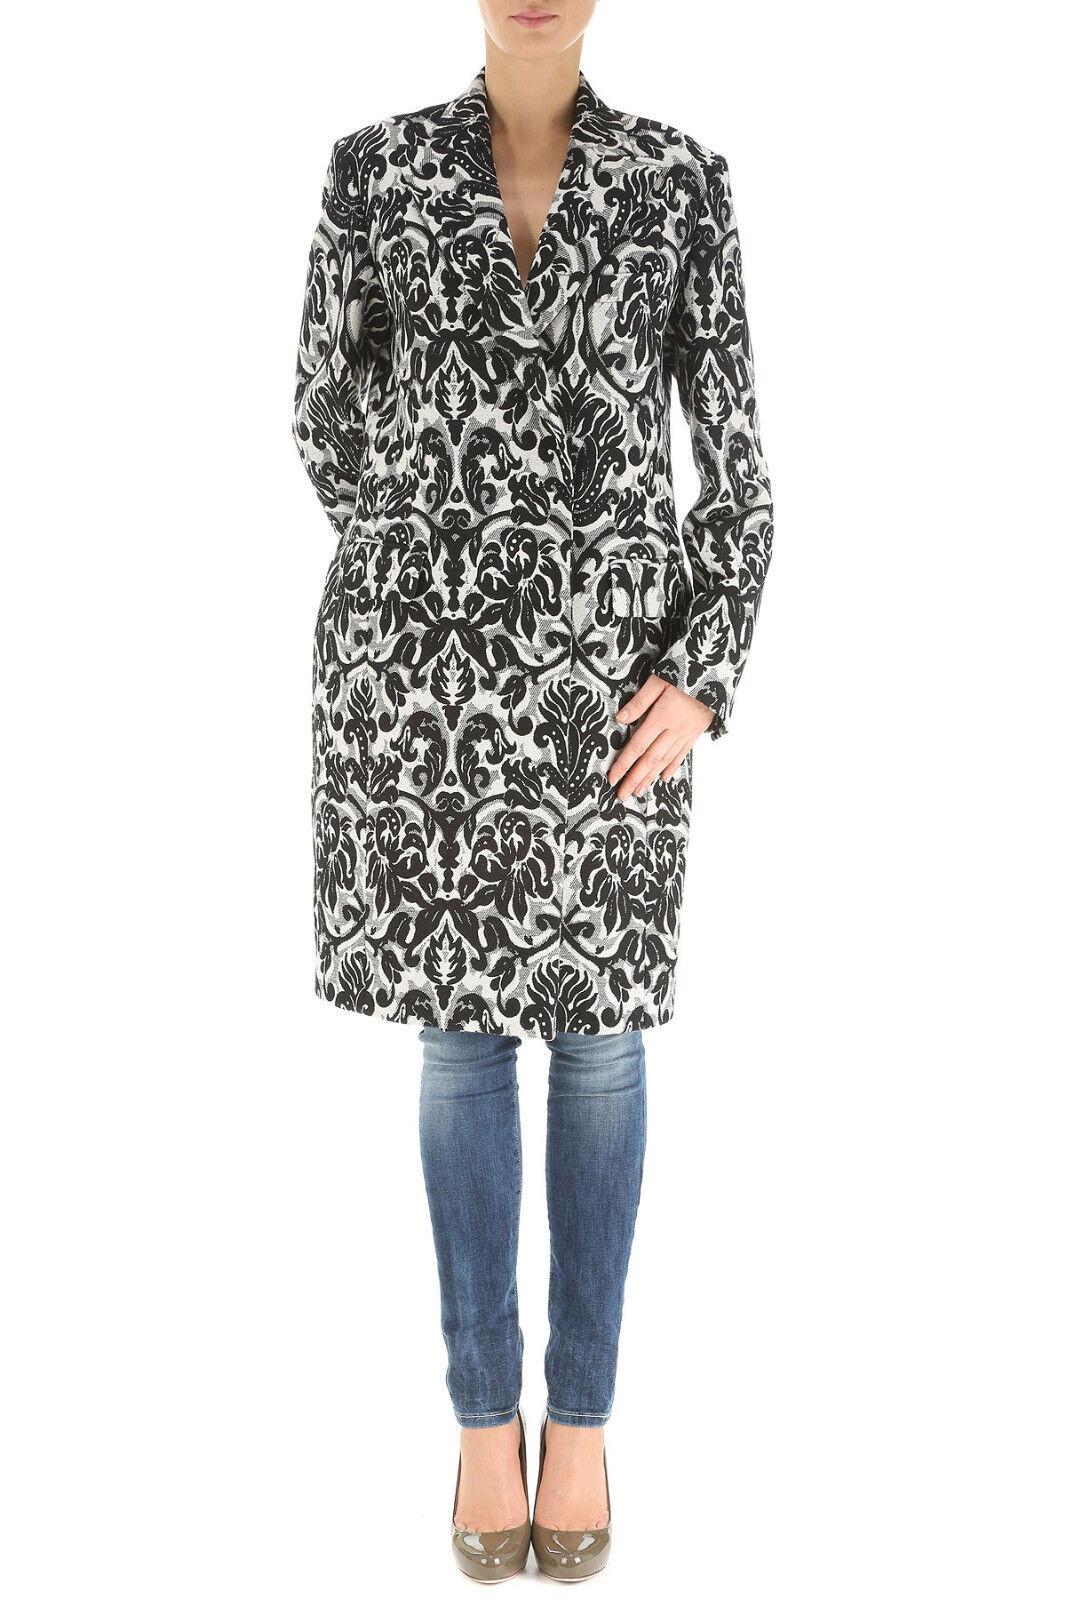 Paul Smith coat Tapristy, Tapistry coat